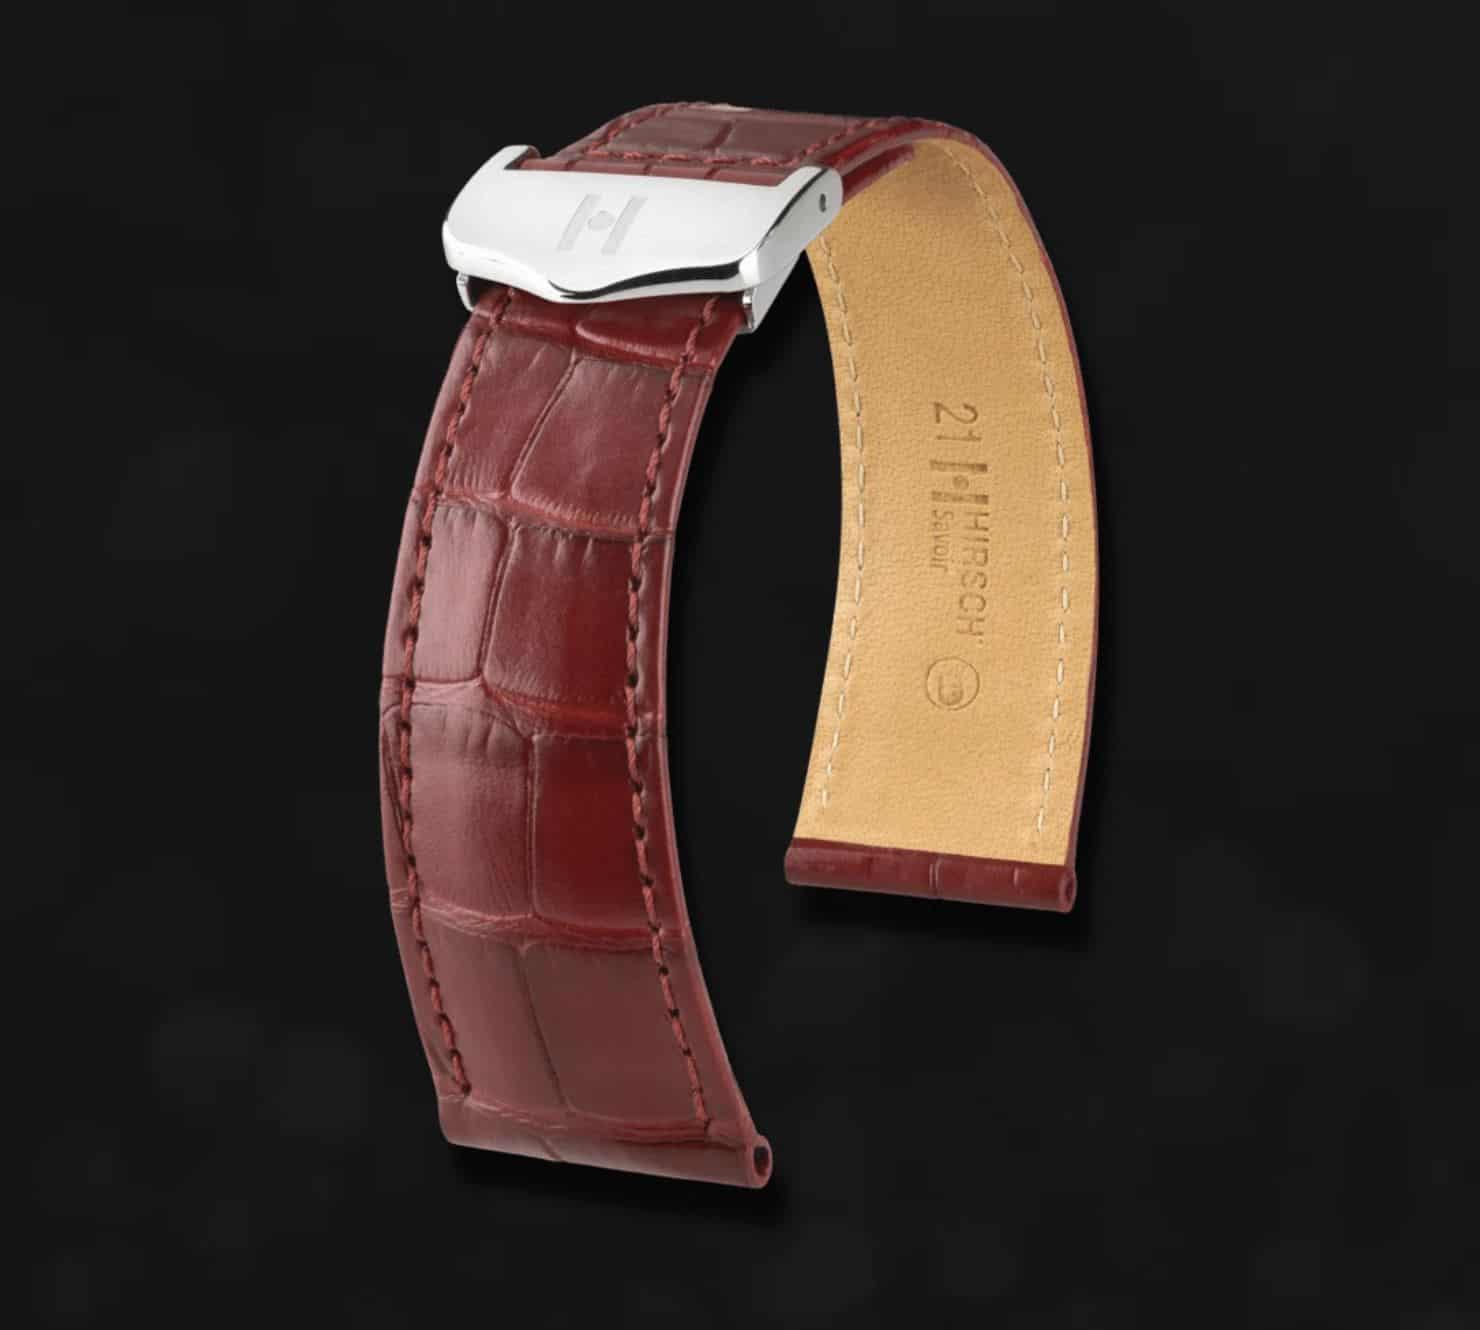 Das Hirsch-Alligator-Armband ist ein perfektes Geschenk und gibt hochwertigen Uhren den notwendigen Halt